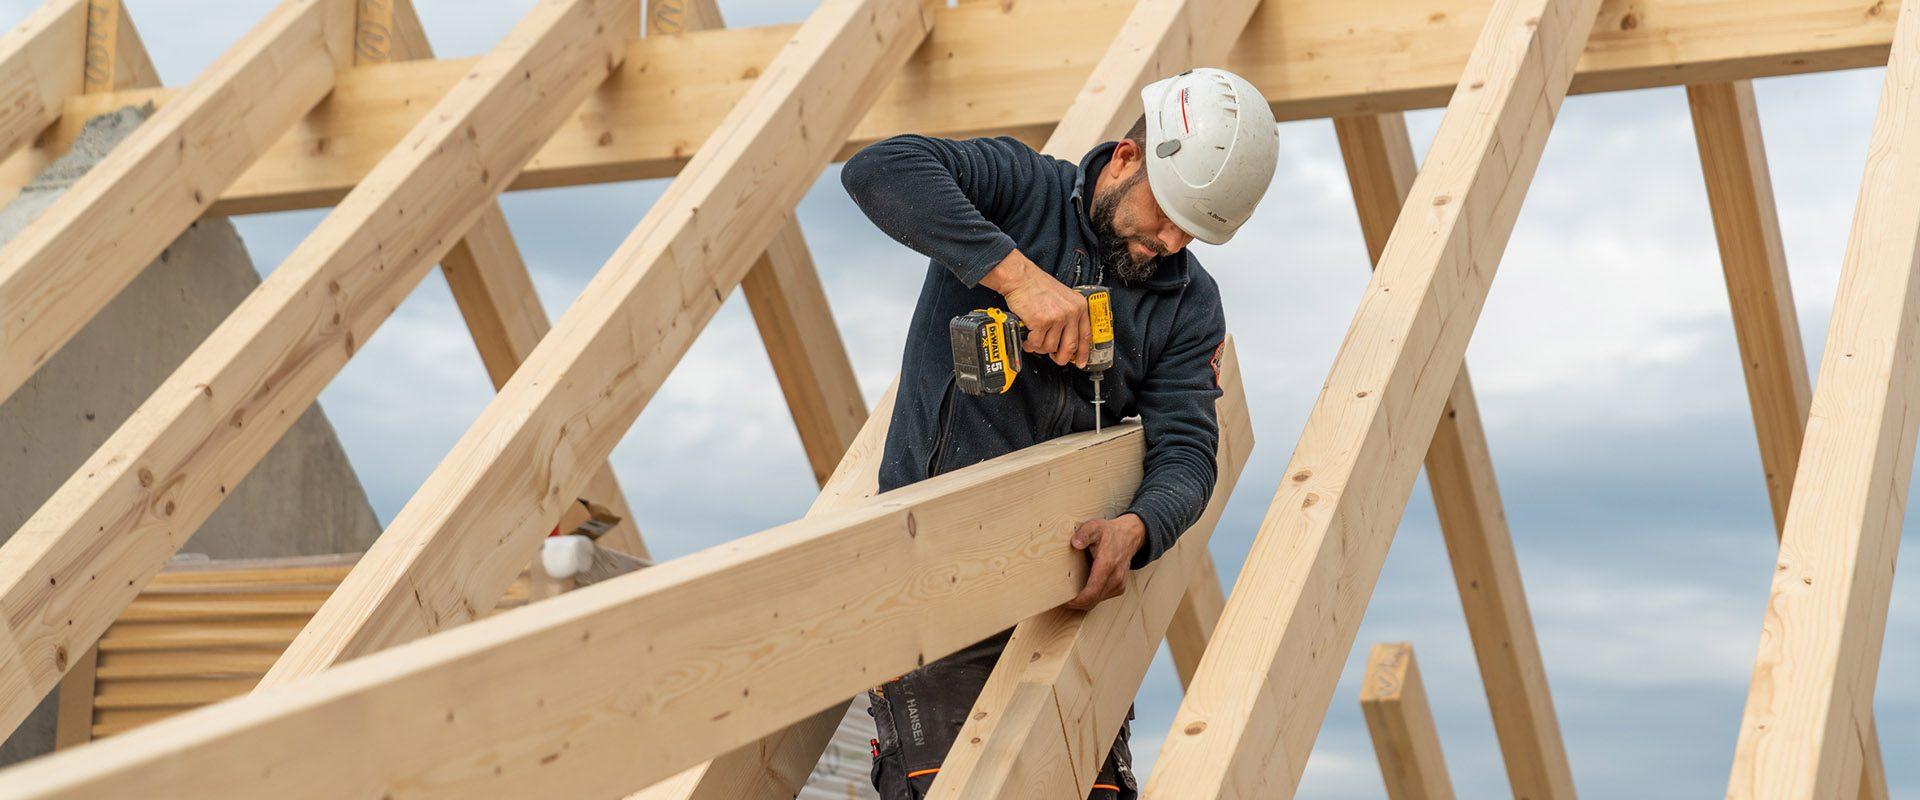 Holzbau Aufrichten eines Dachstuhls